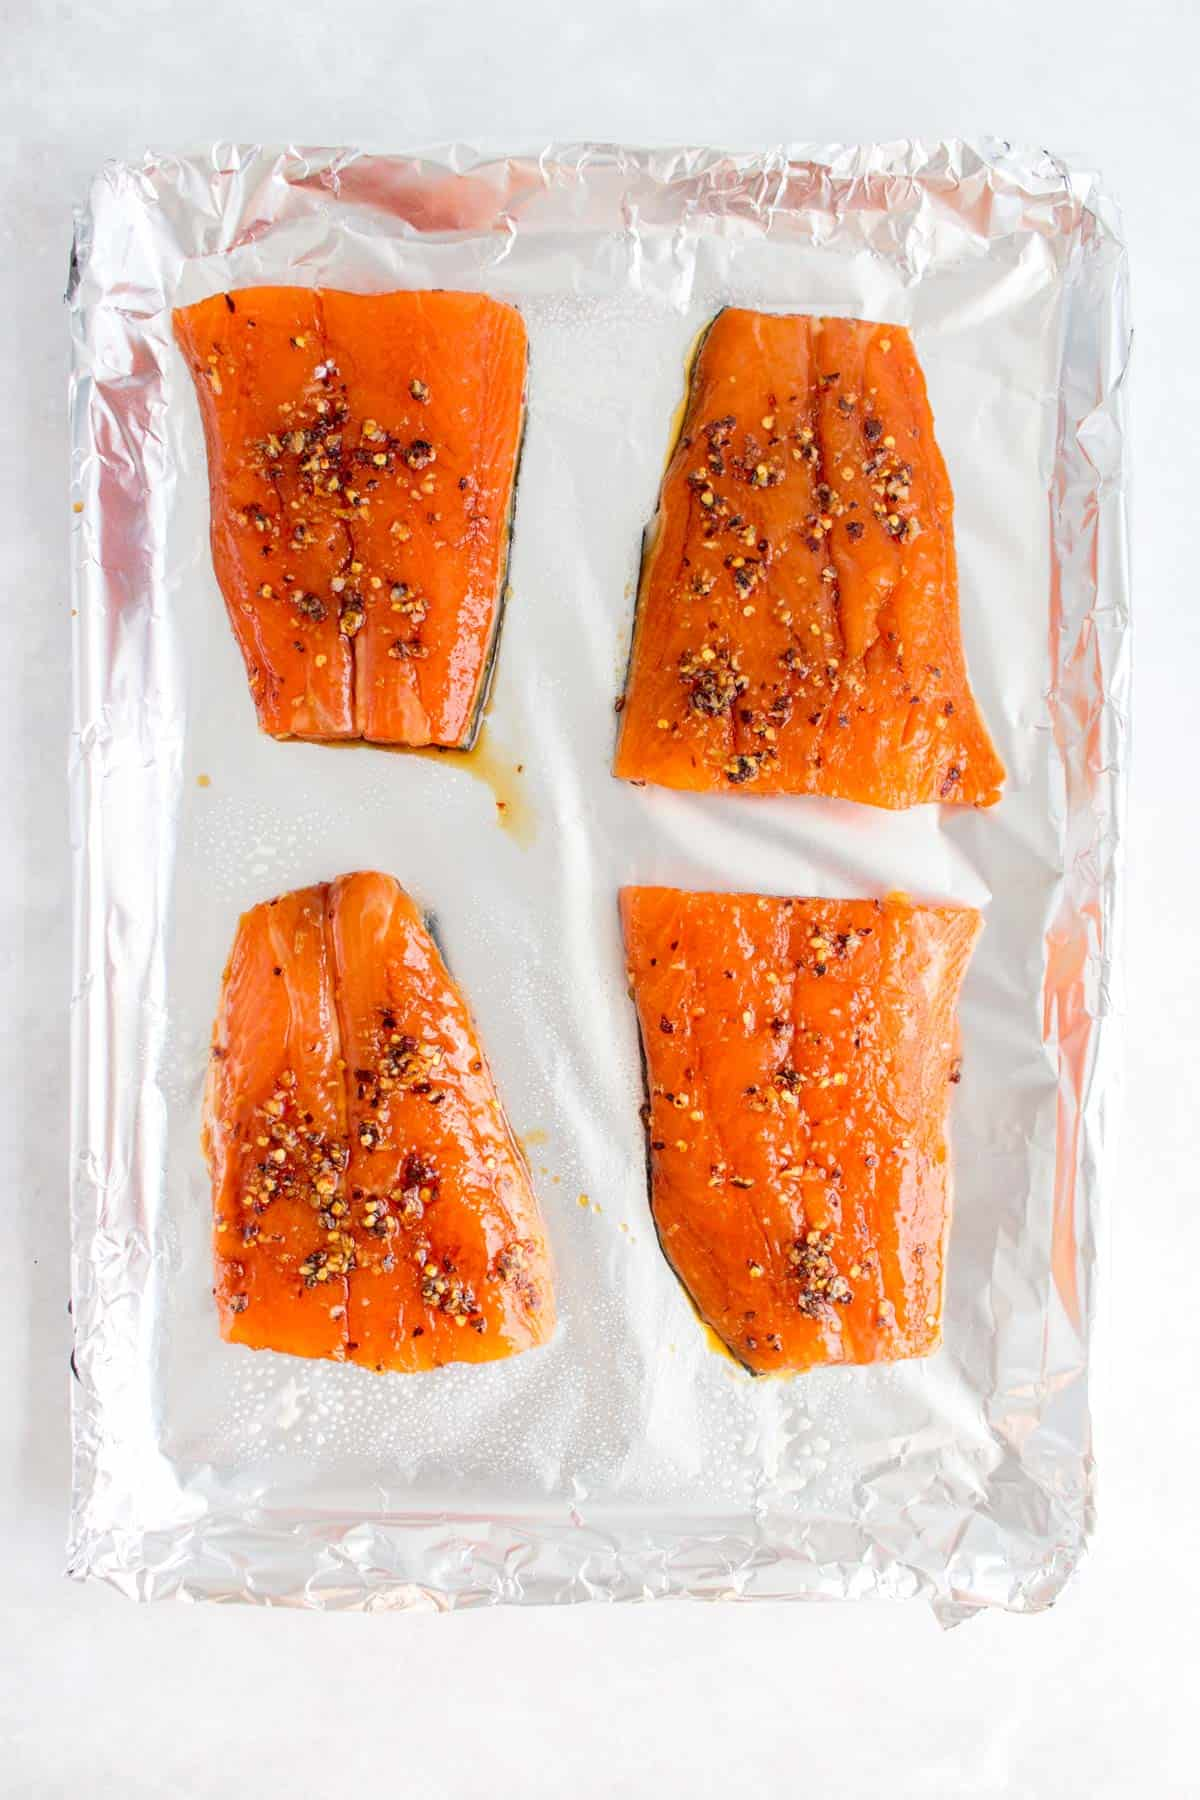 Four salmon fillets on a sheet pan.